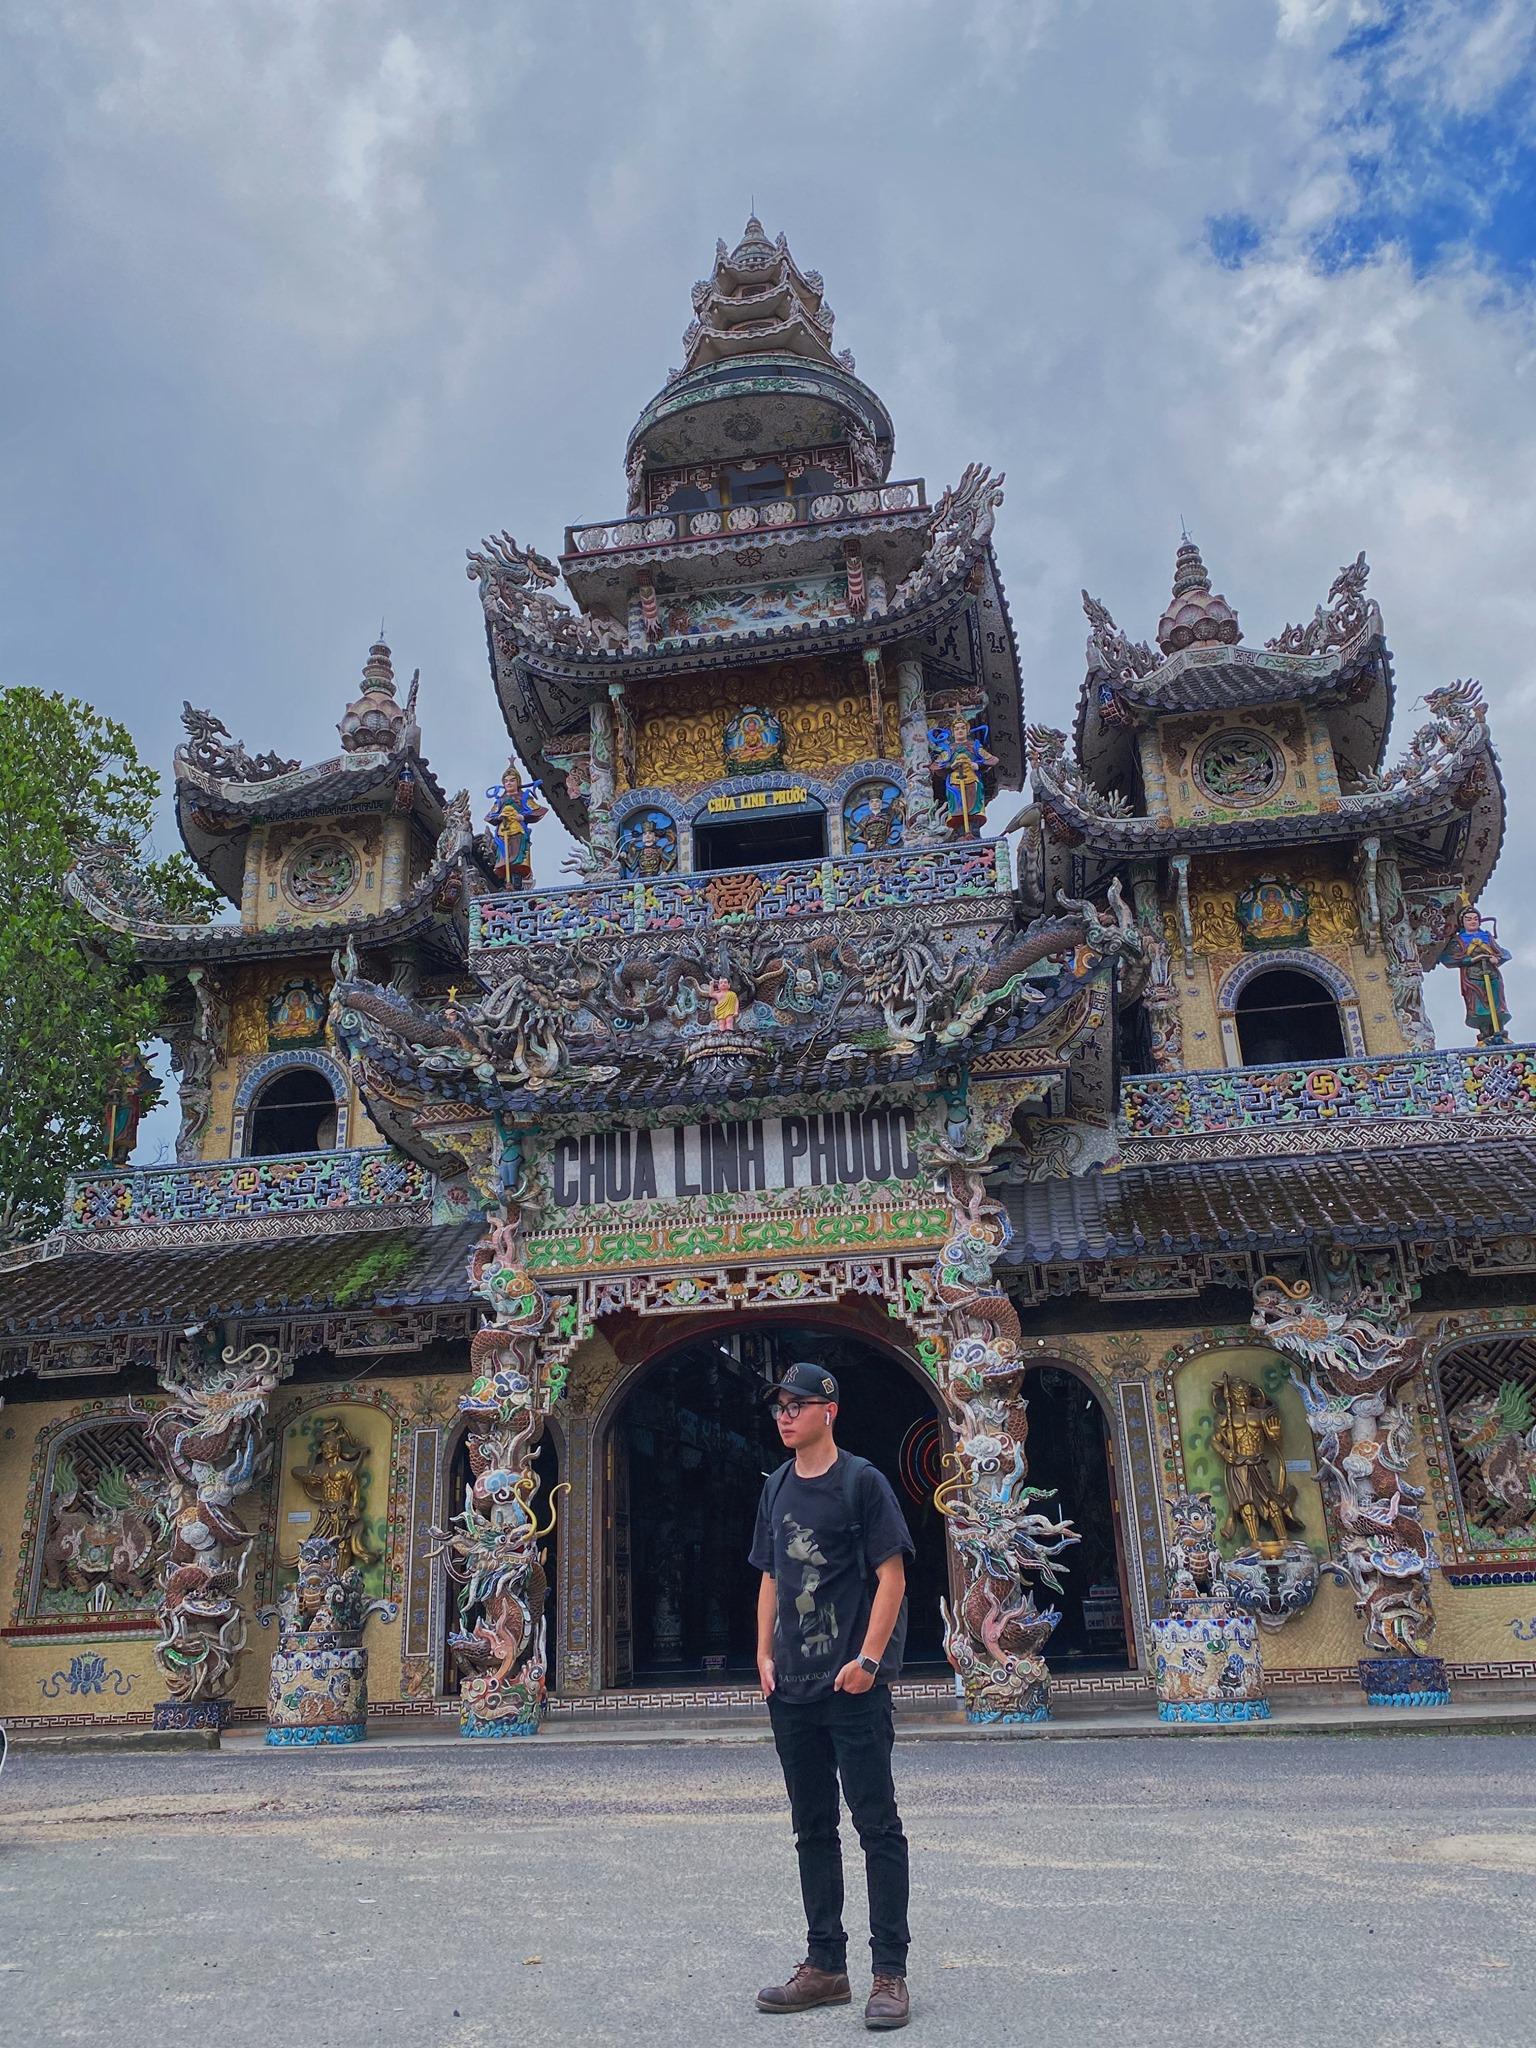 Chùa VE CHAI (chùa Linh Phước) đến đây trải nghiệm ngôi chùa làm bằng ve chai và có cả hầm khu ĐỊA NGỤC.